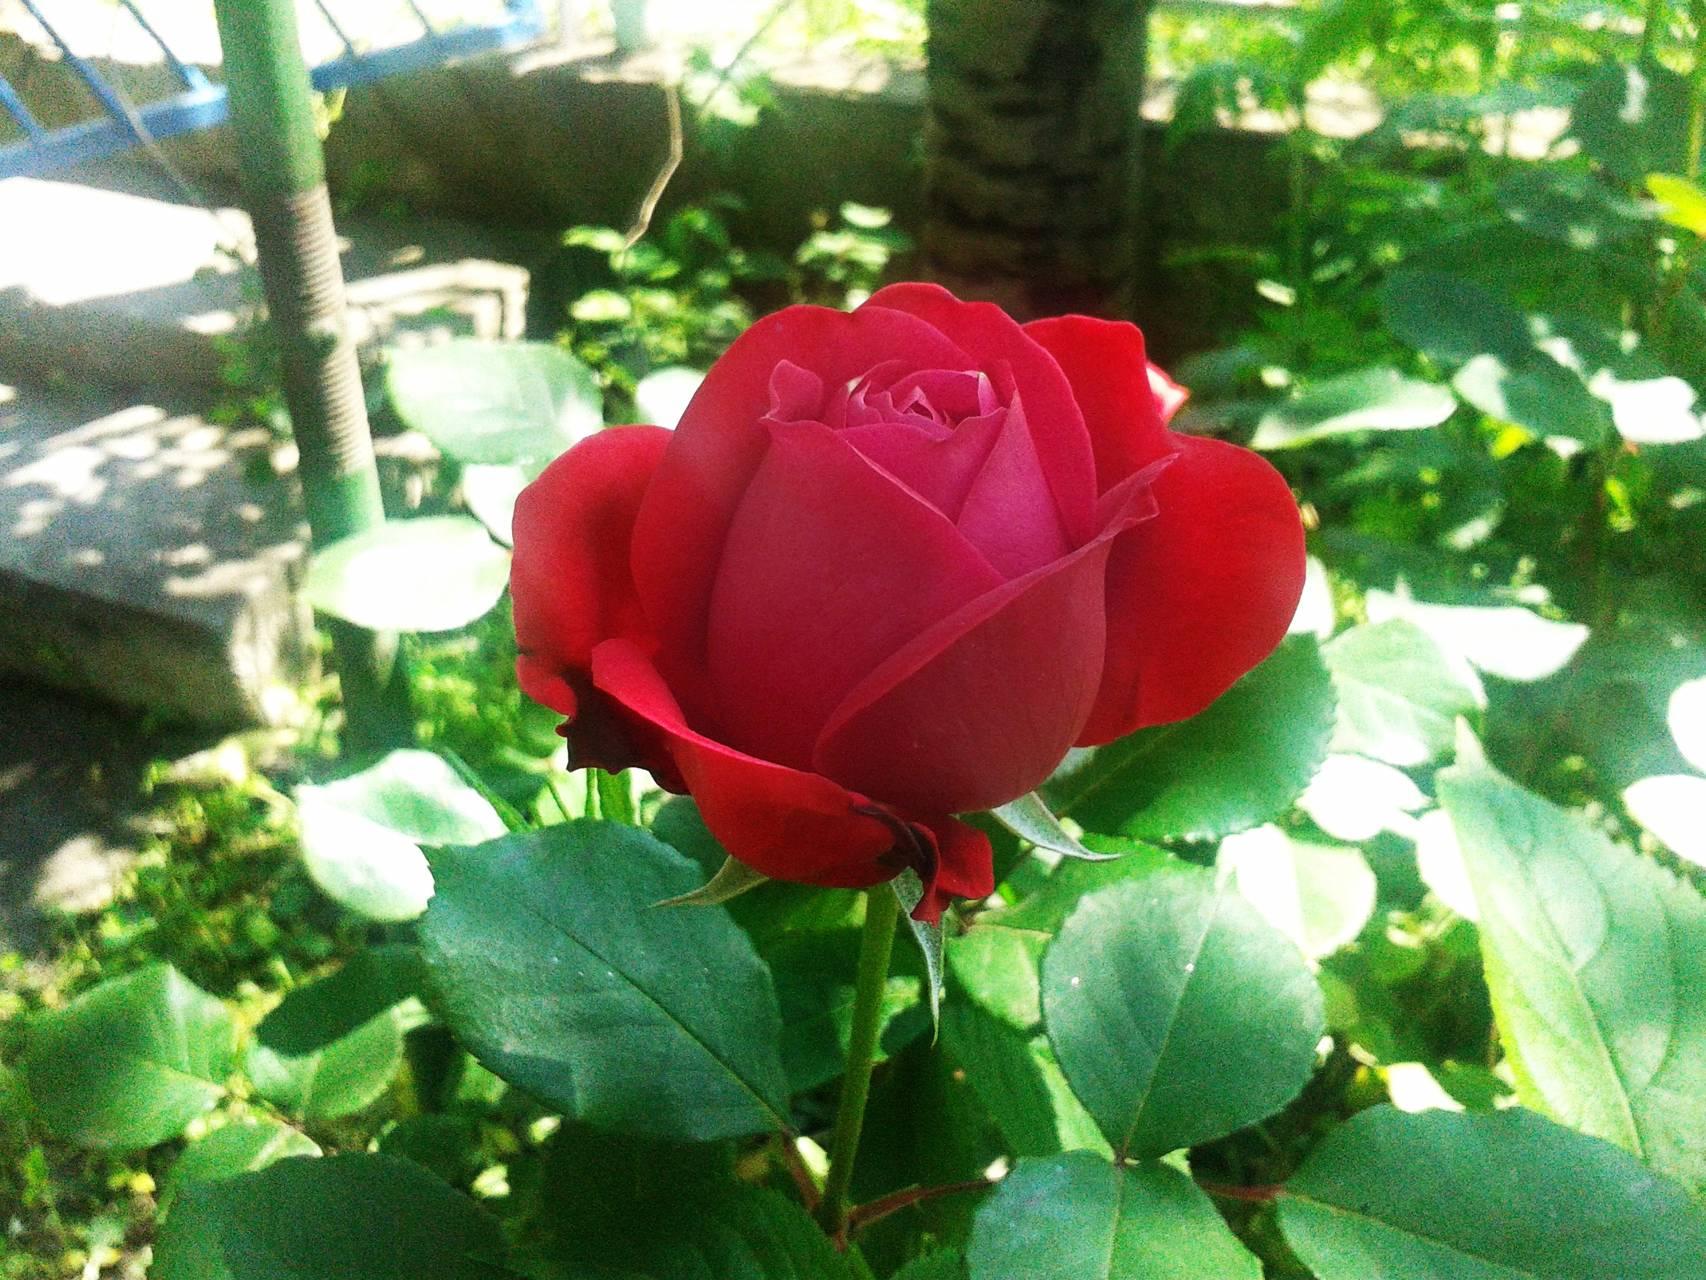 Tetovo rose